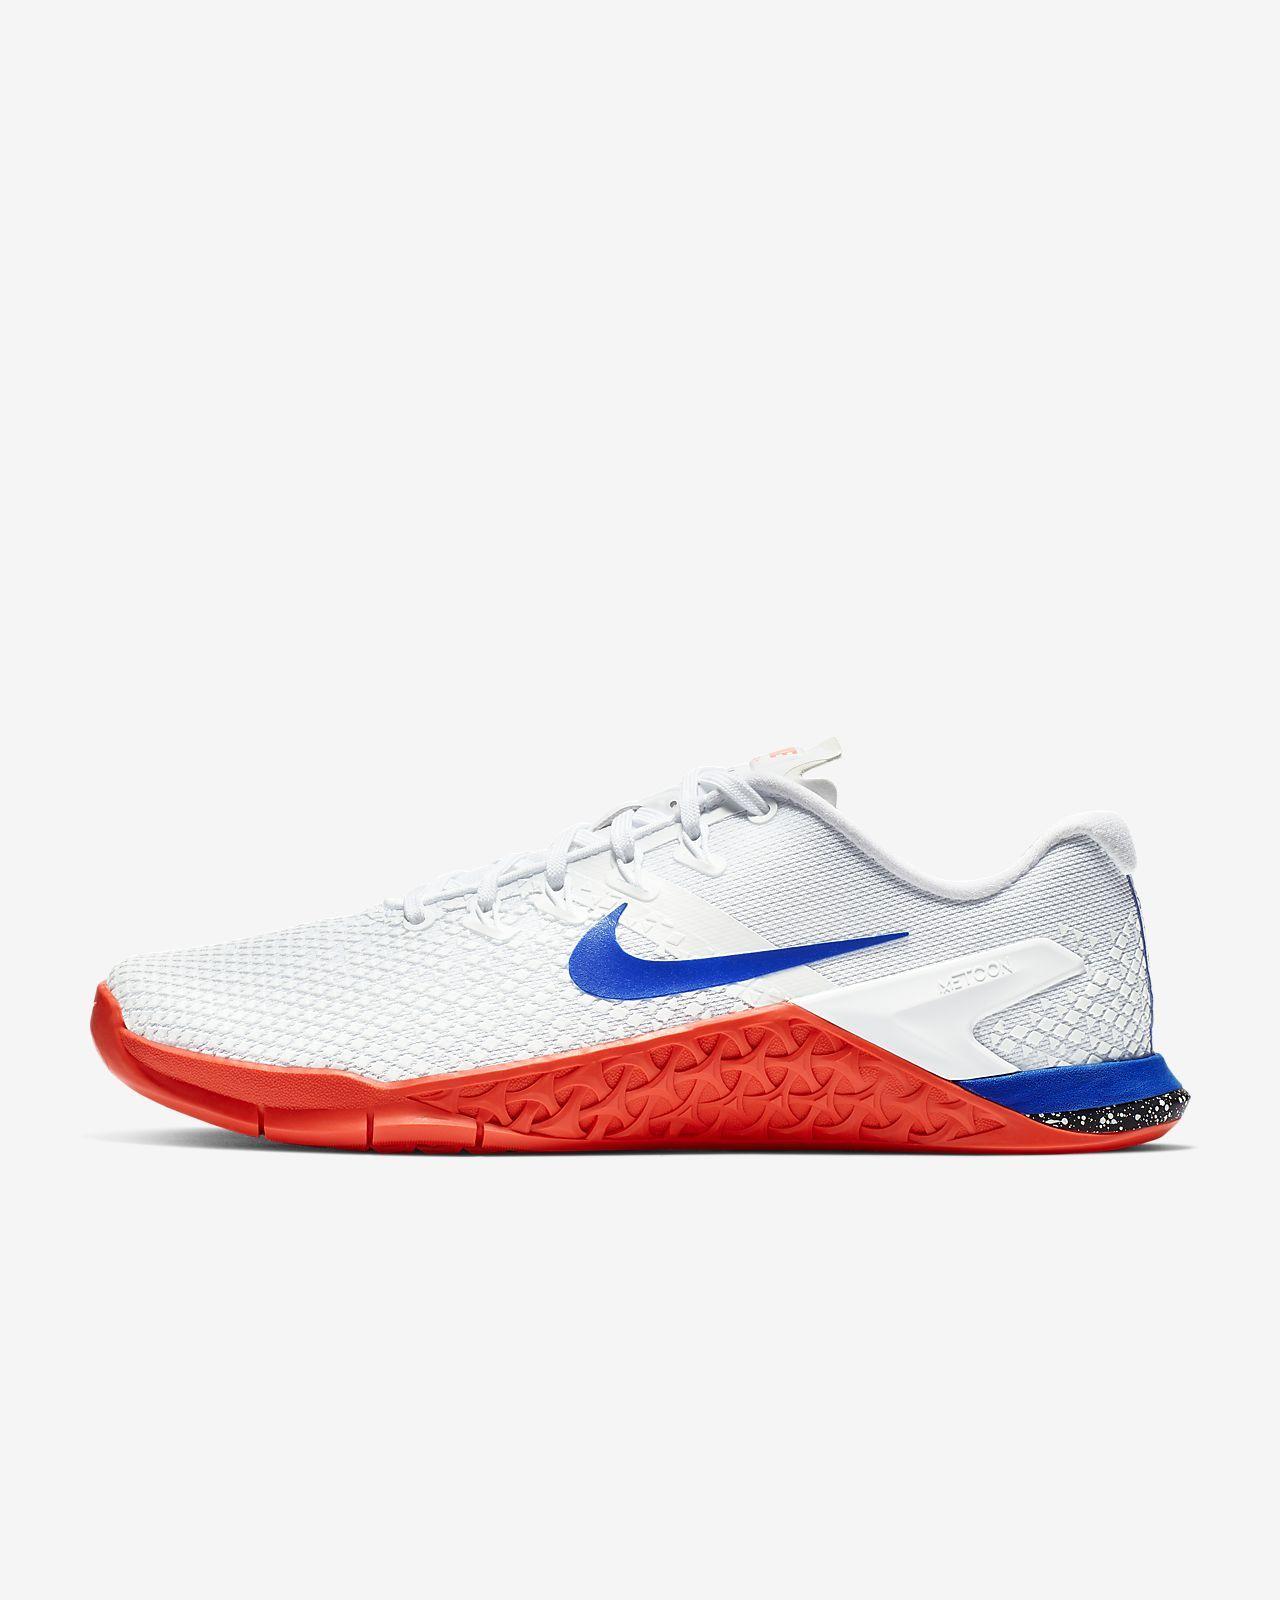 more photos 285ec dfc9f Chaussure de cross-training et de renforcement musculaire Nike Metcon 4 XD pour  Femme  clubboxingday  boxingday  boxi  rabais  shopping  soldes  vetements  ...